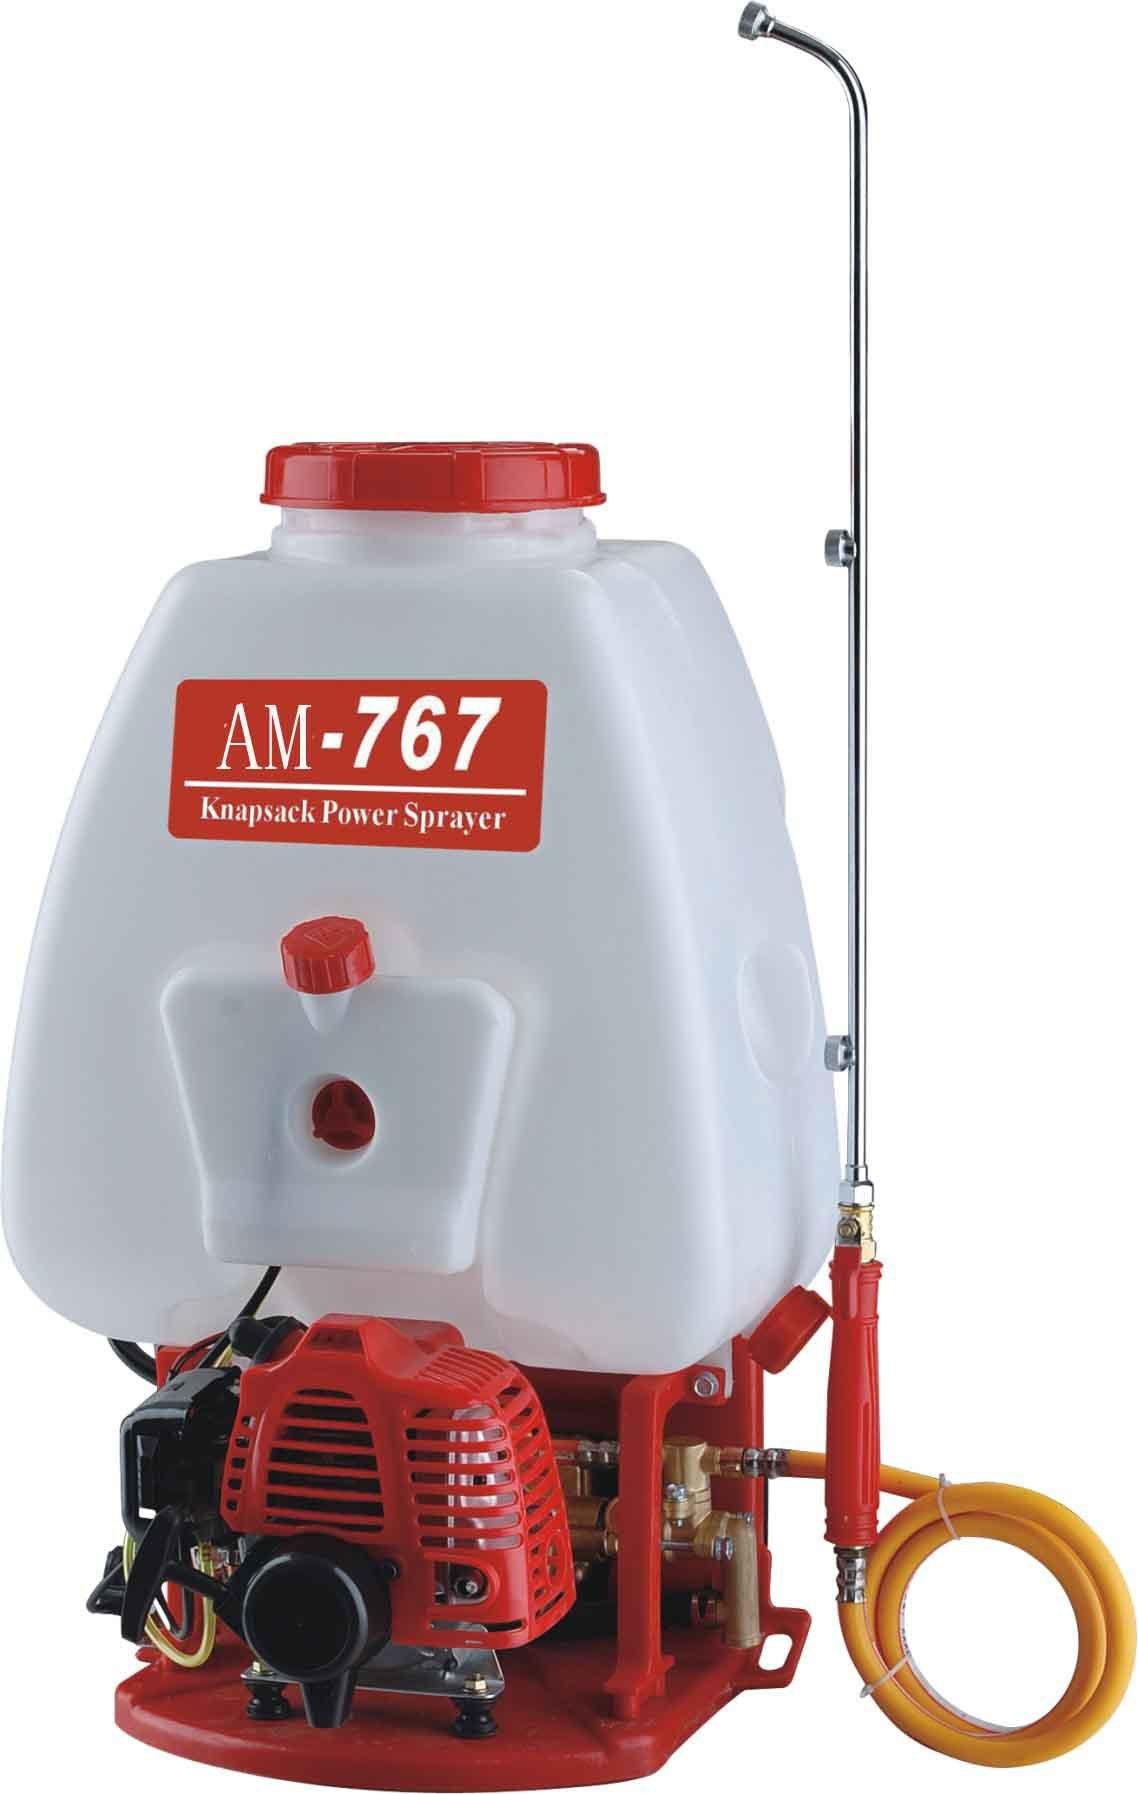 Power Sprayer, Engine Sprayer, Knapsack Power Sprayer (AM-E01)